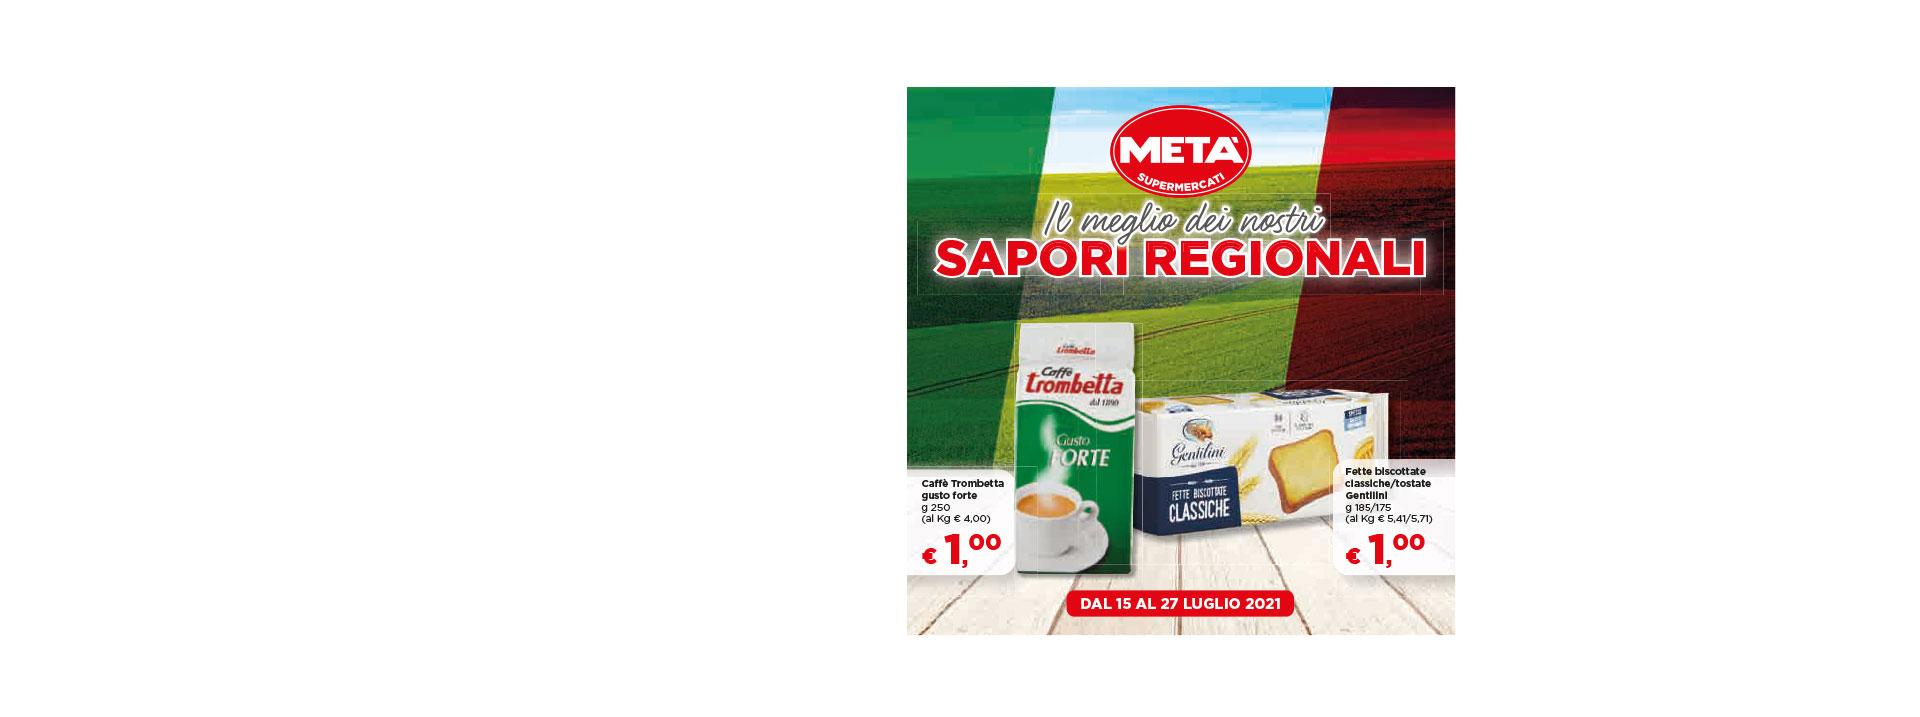 Supermercato Metà, Offerte Speciali